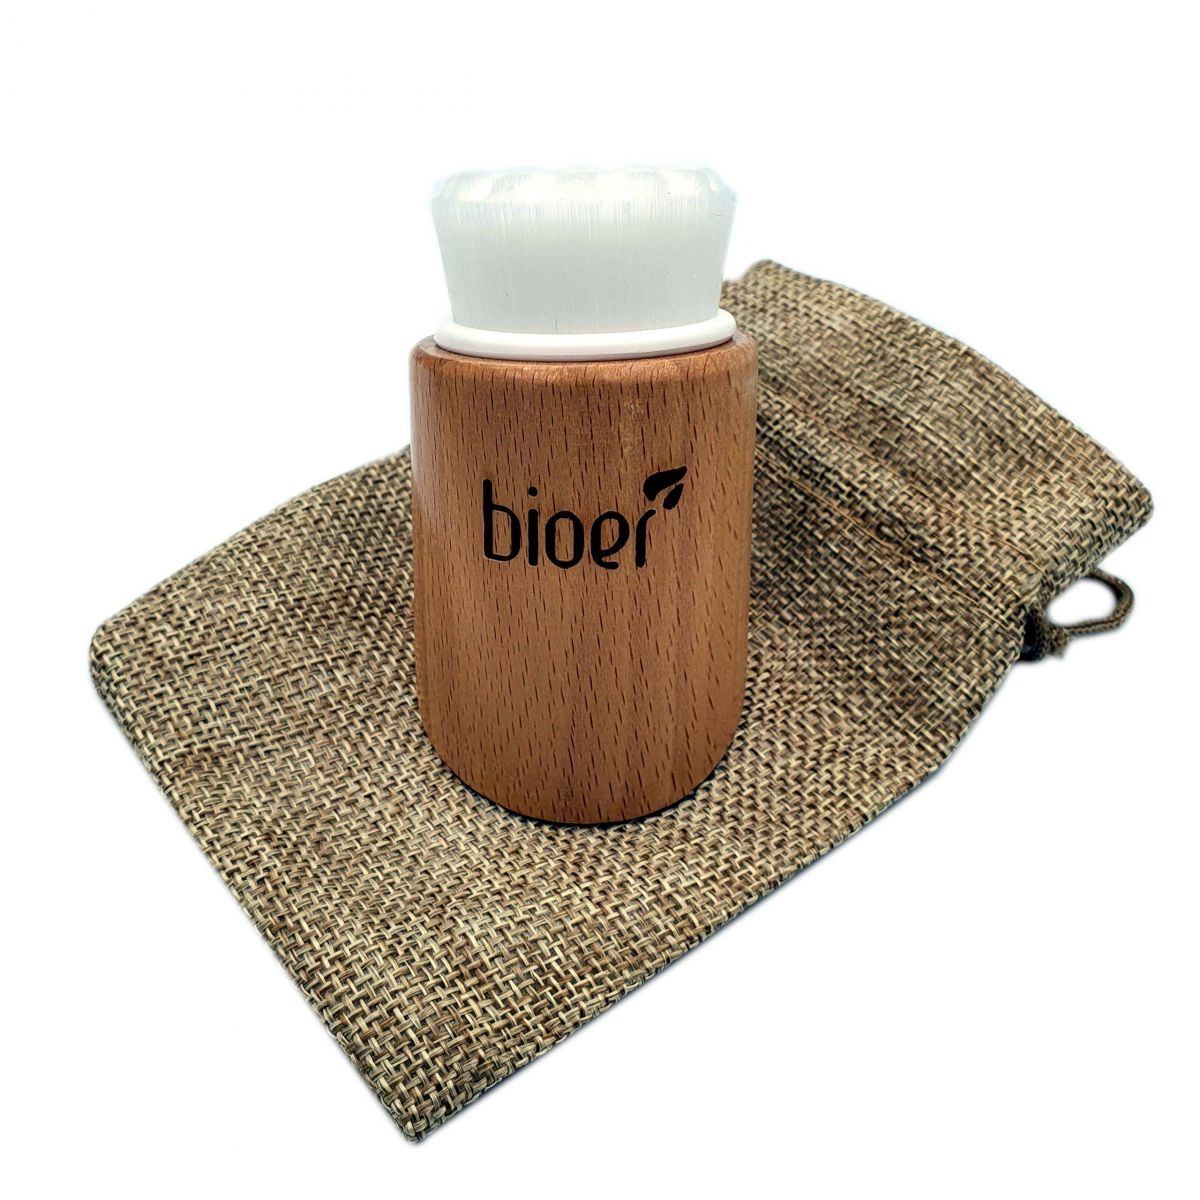 Myjka / Szczotka do peelingu i głębokiego oczyszczania twarzy - włosie białe - Bioer